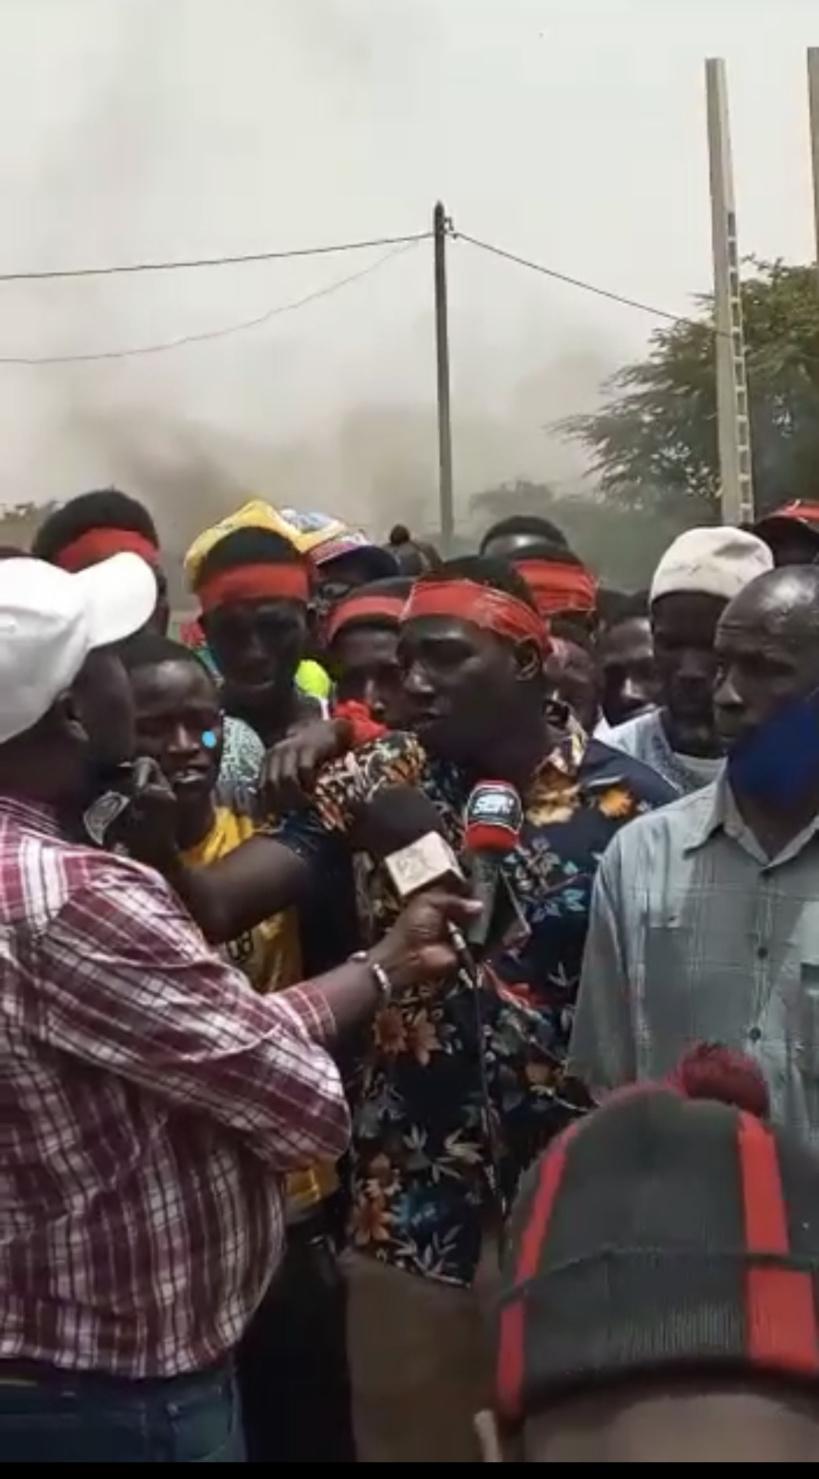 Bari-Diam (Saint Louis): Les populations barrent la route nationale RN2, pour exiger l'installation de ralentisseurs